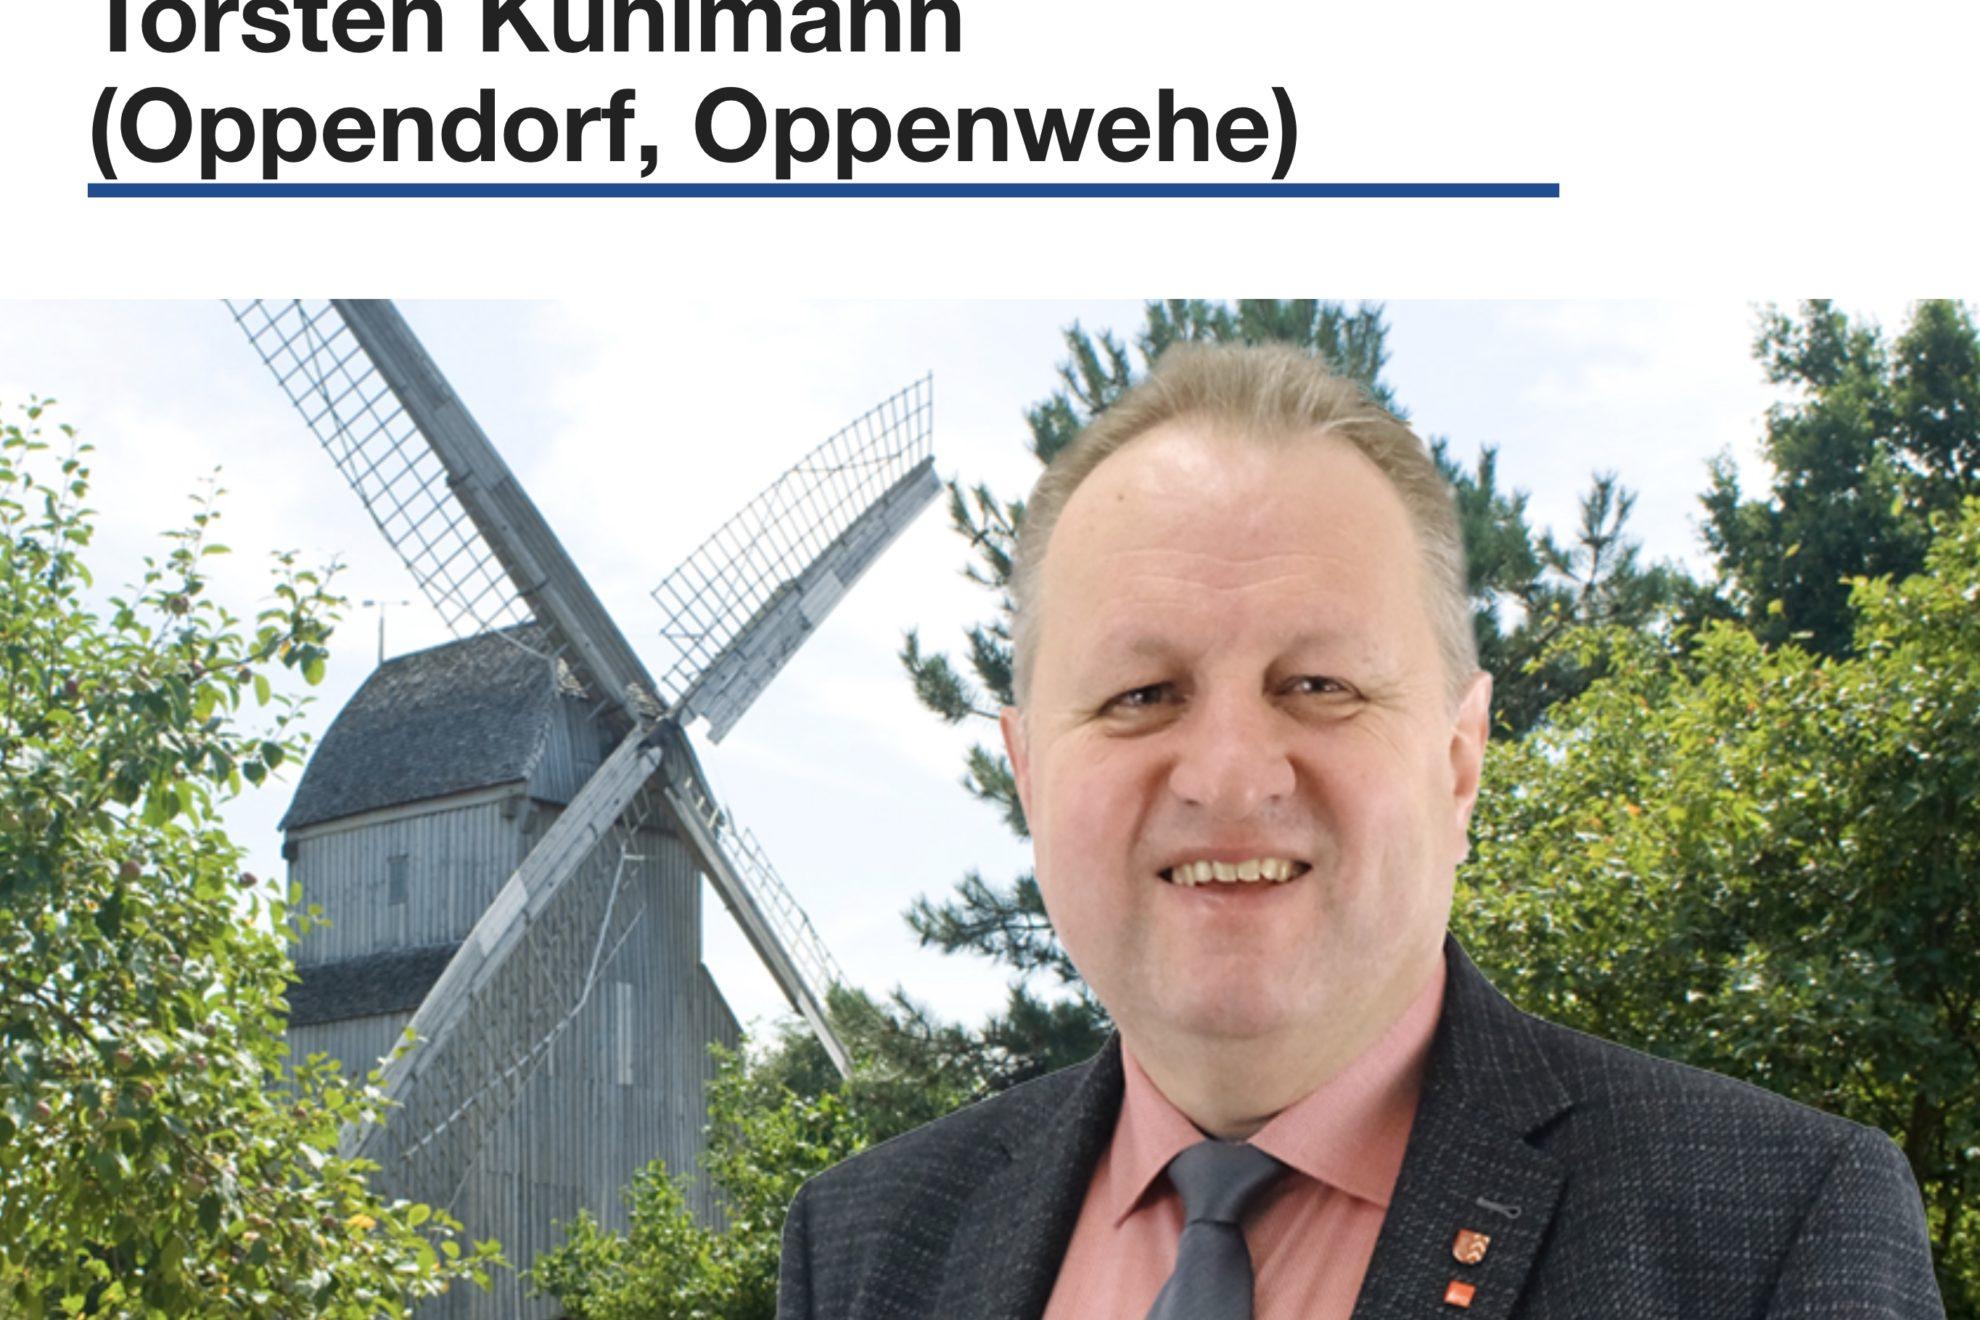 Kreistagskandidat auch für Oppendorf und Oppenwehe